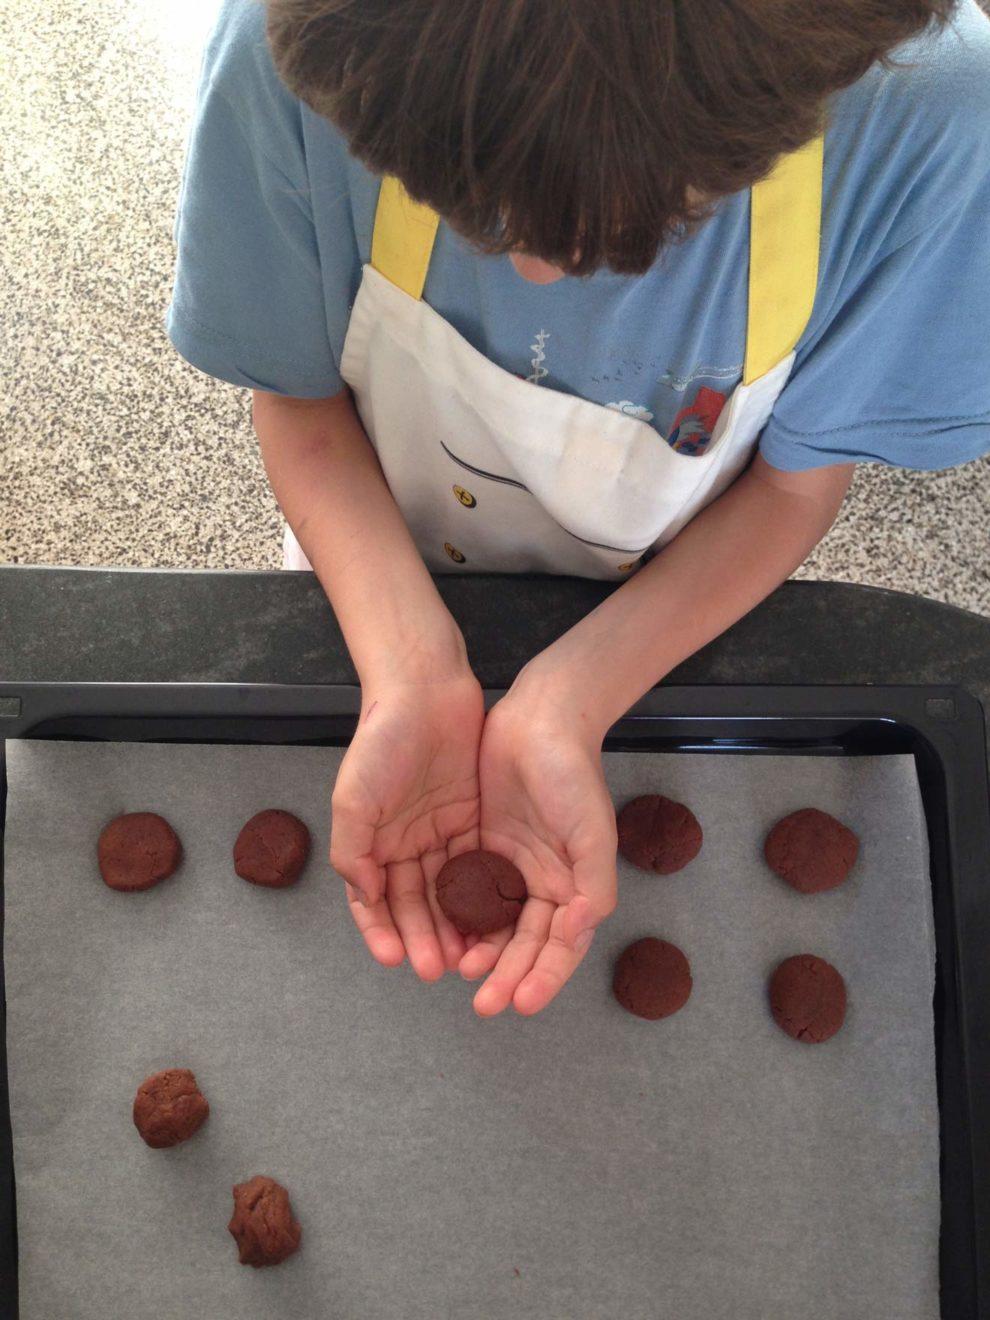 kid baking